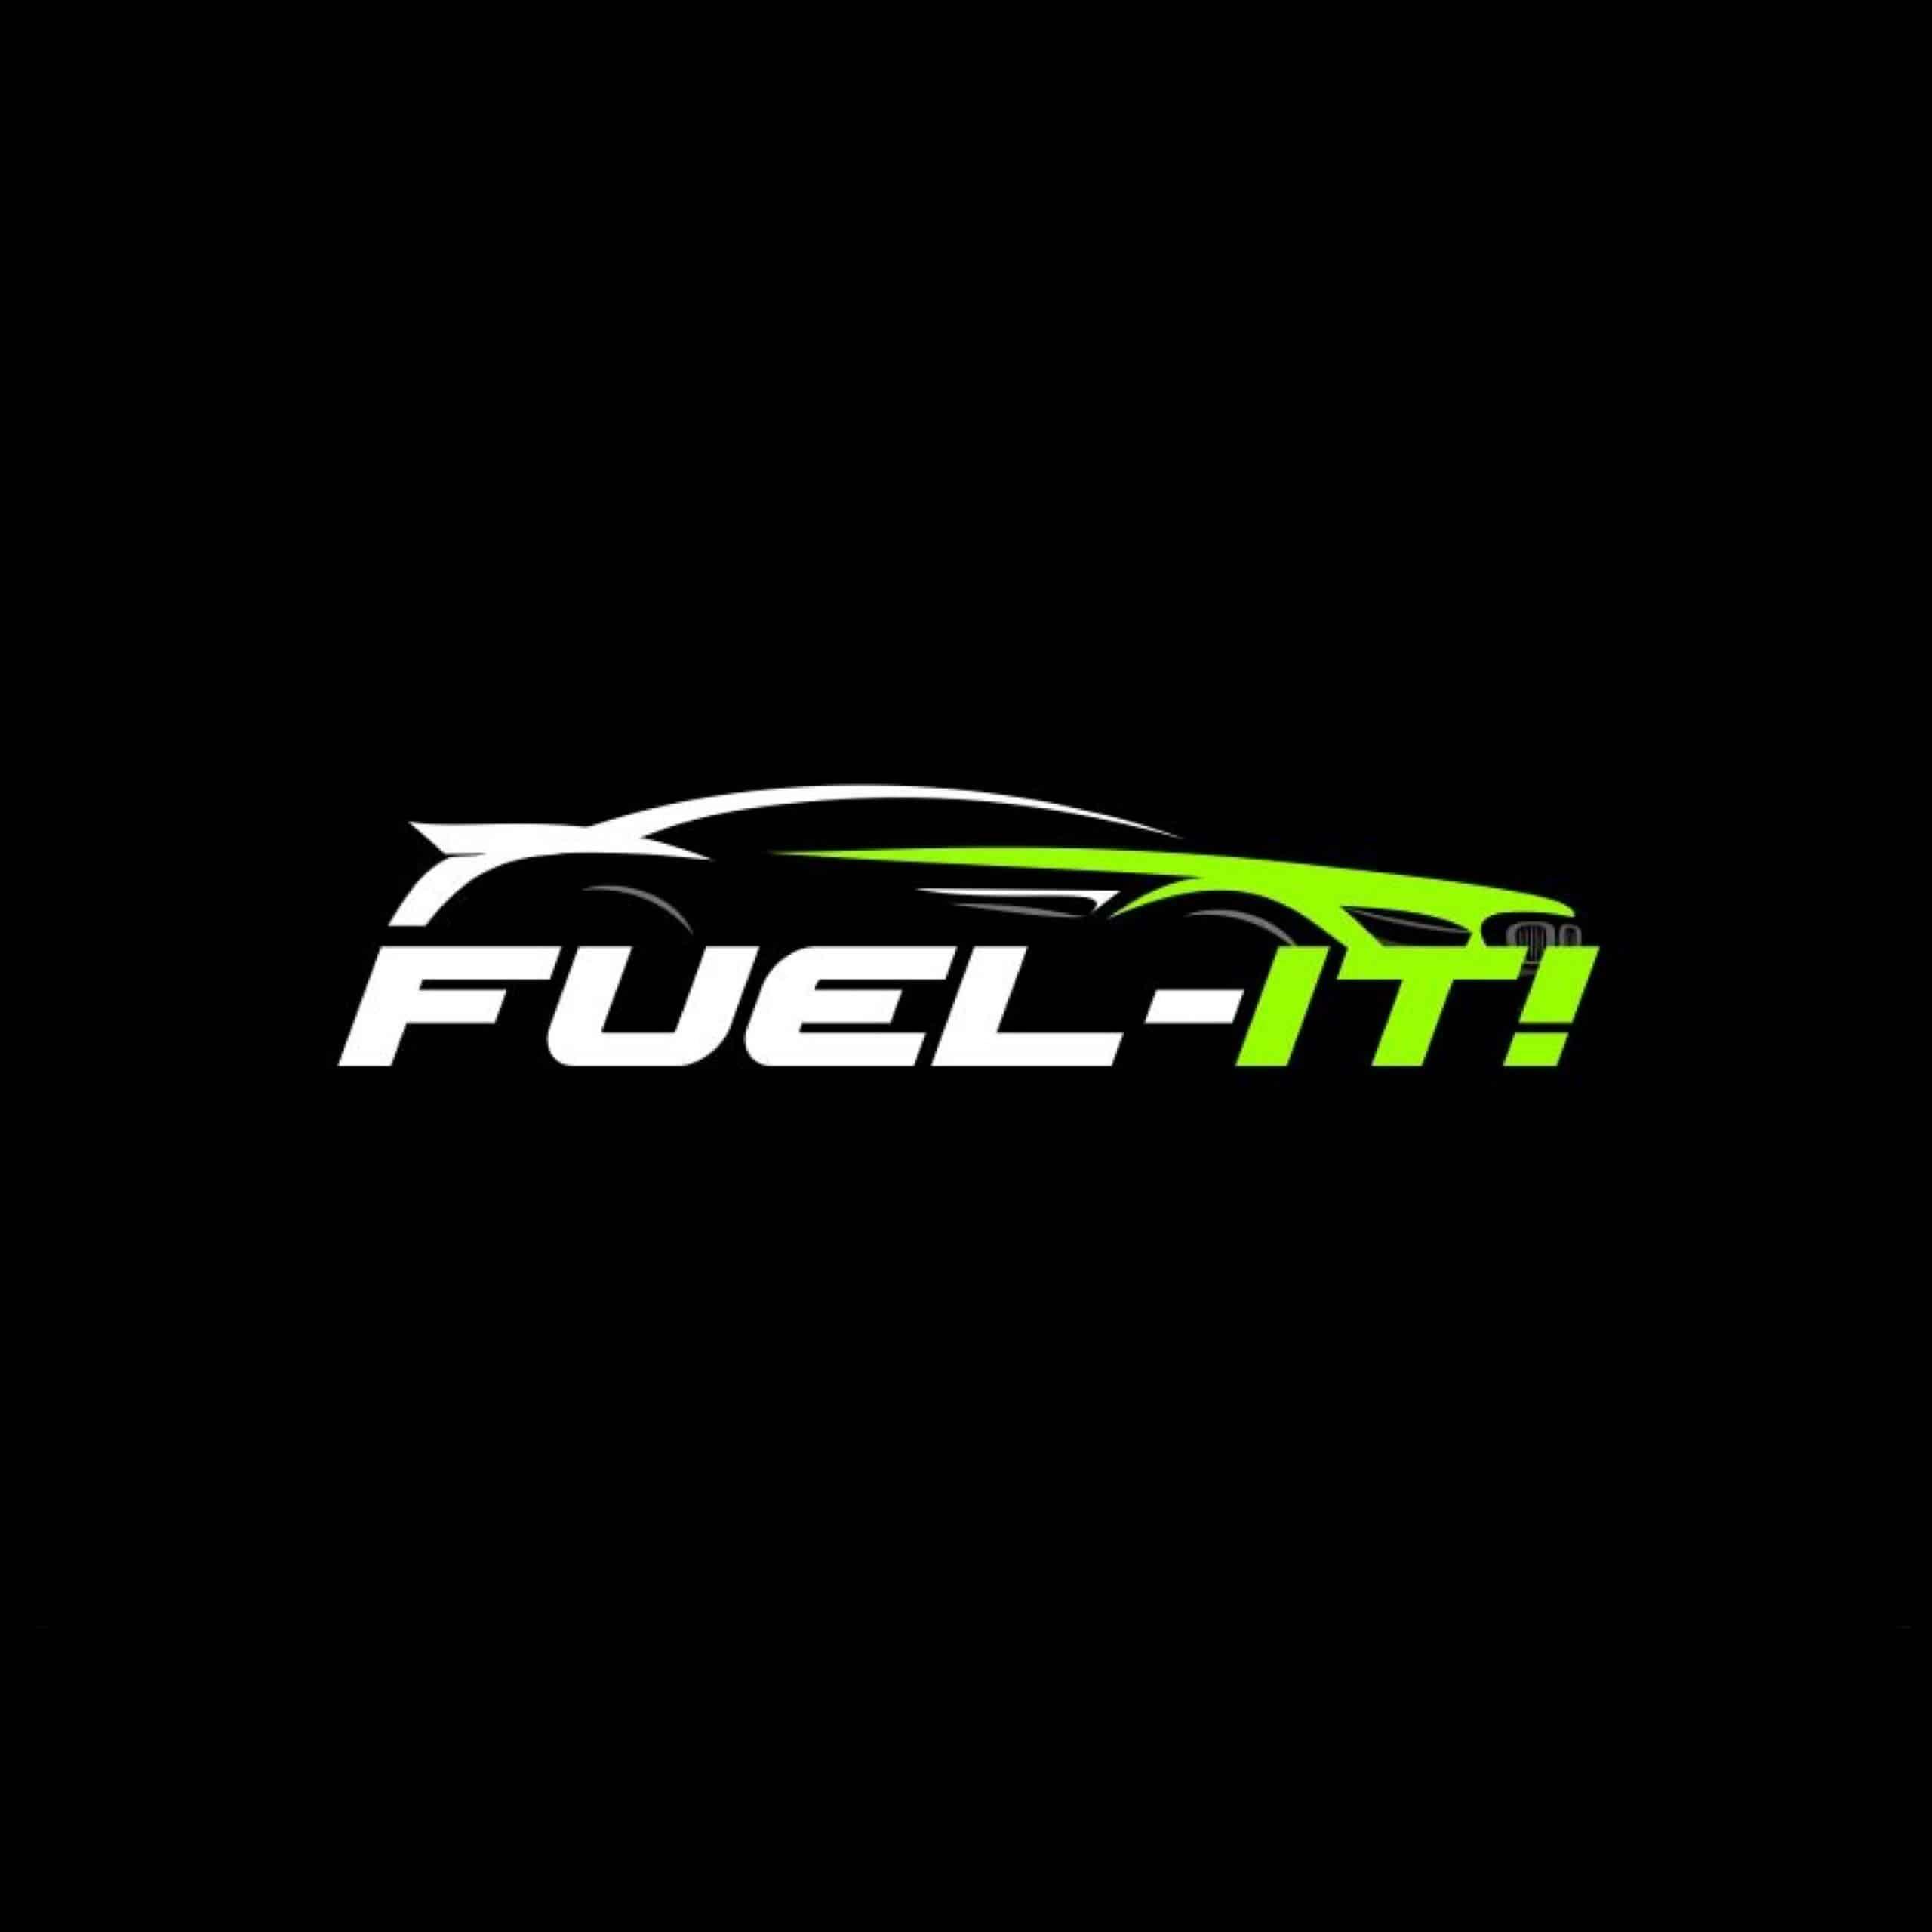 Fuel iT